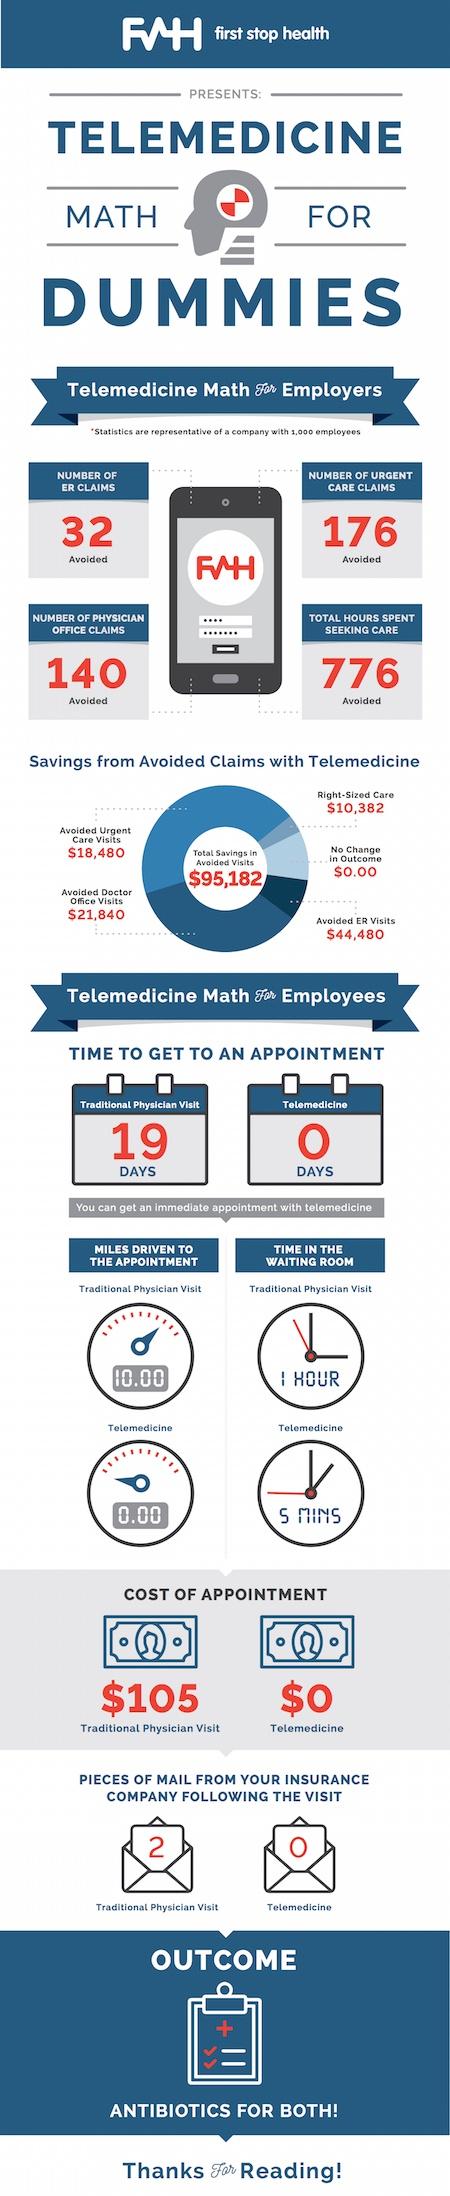 telemedicine-math